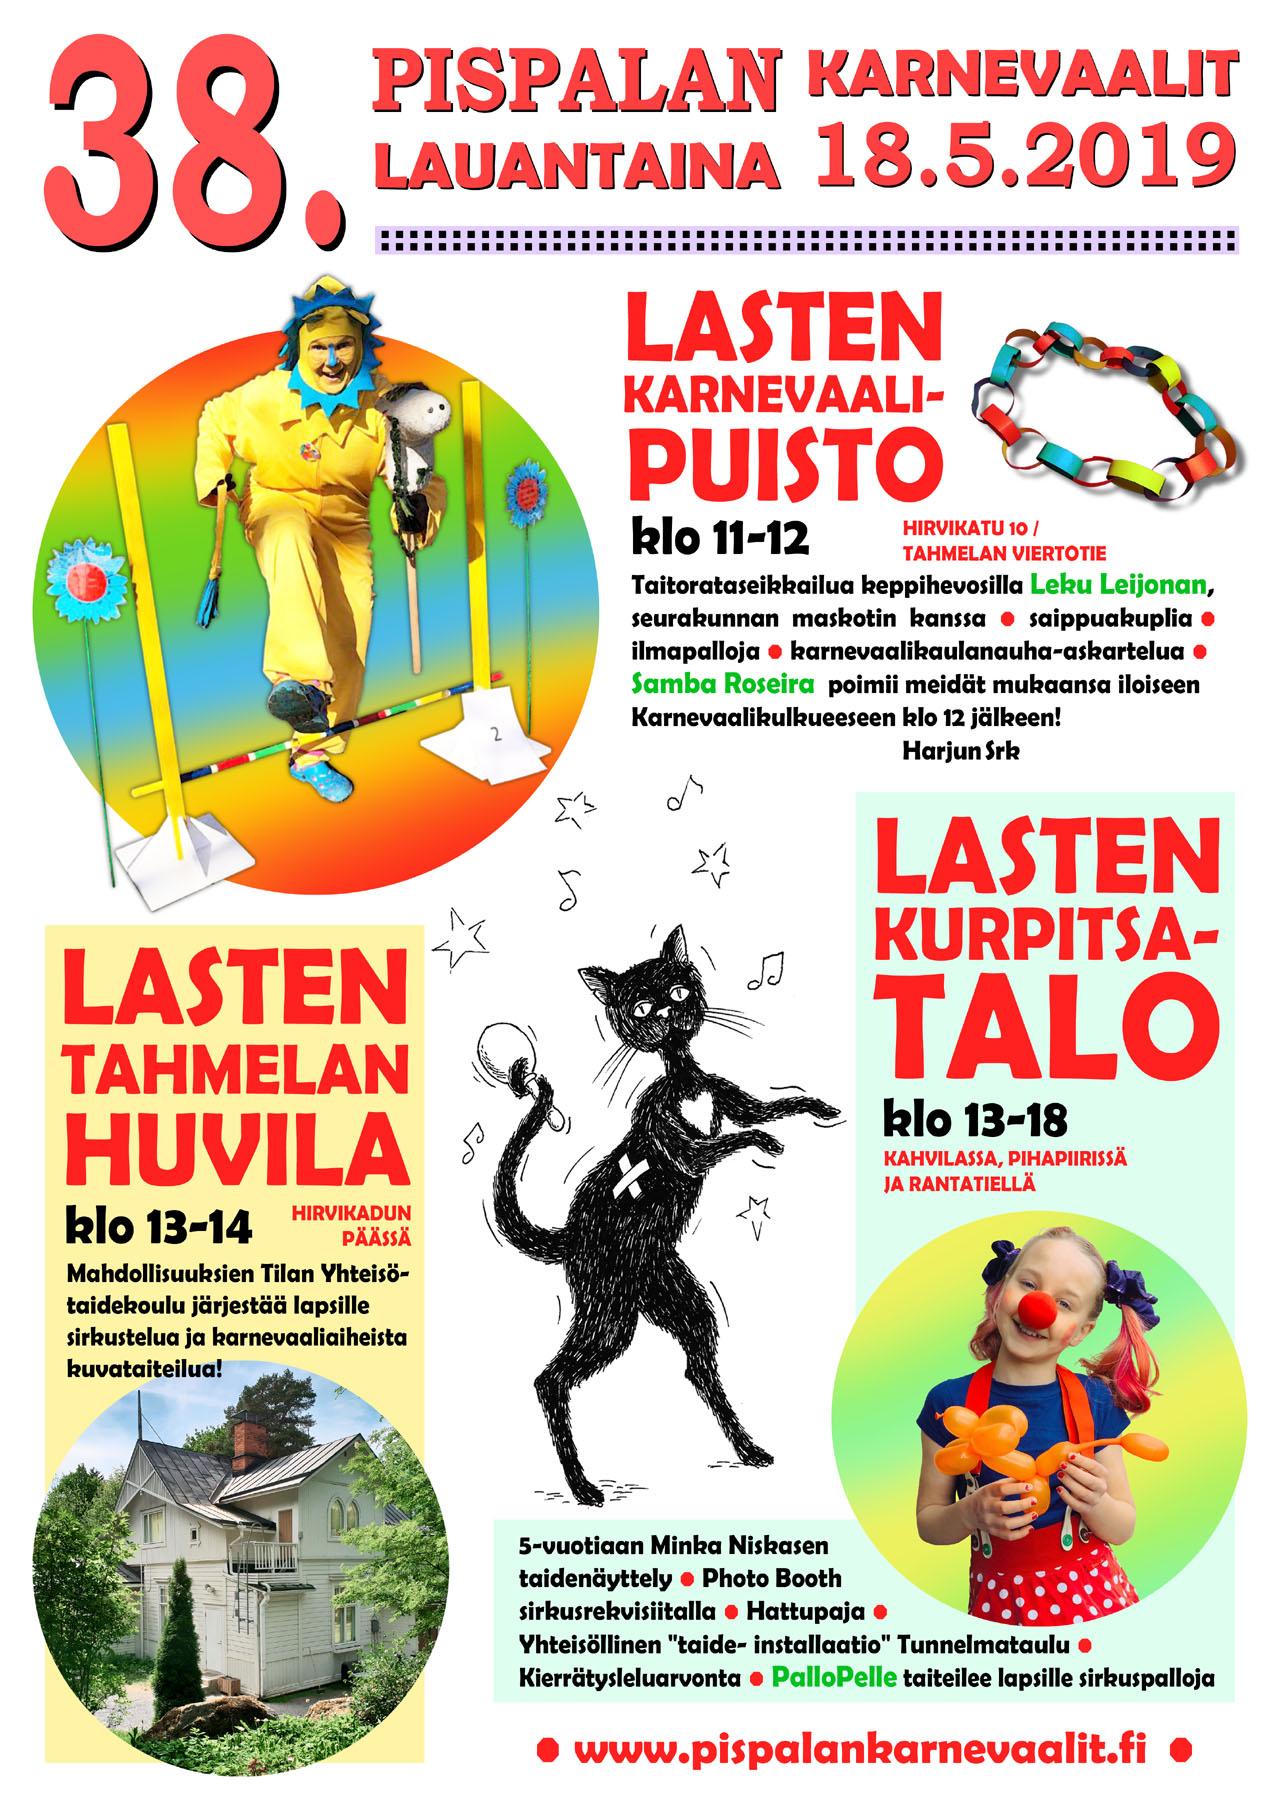 38. Pispalan Karnevaalien Lastentapahtumat lauantaina 18.5.2019